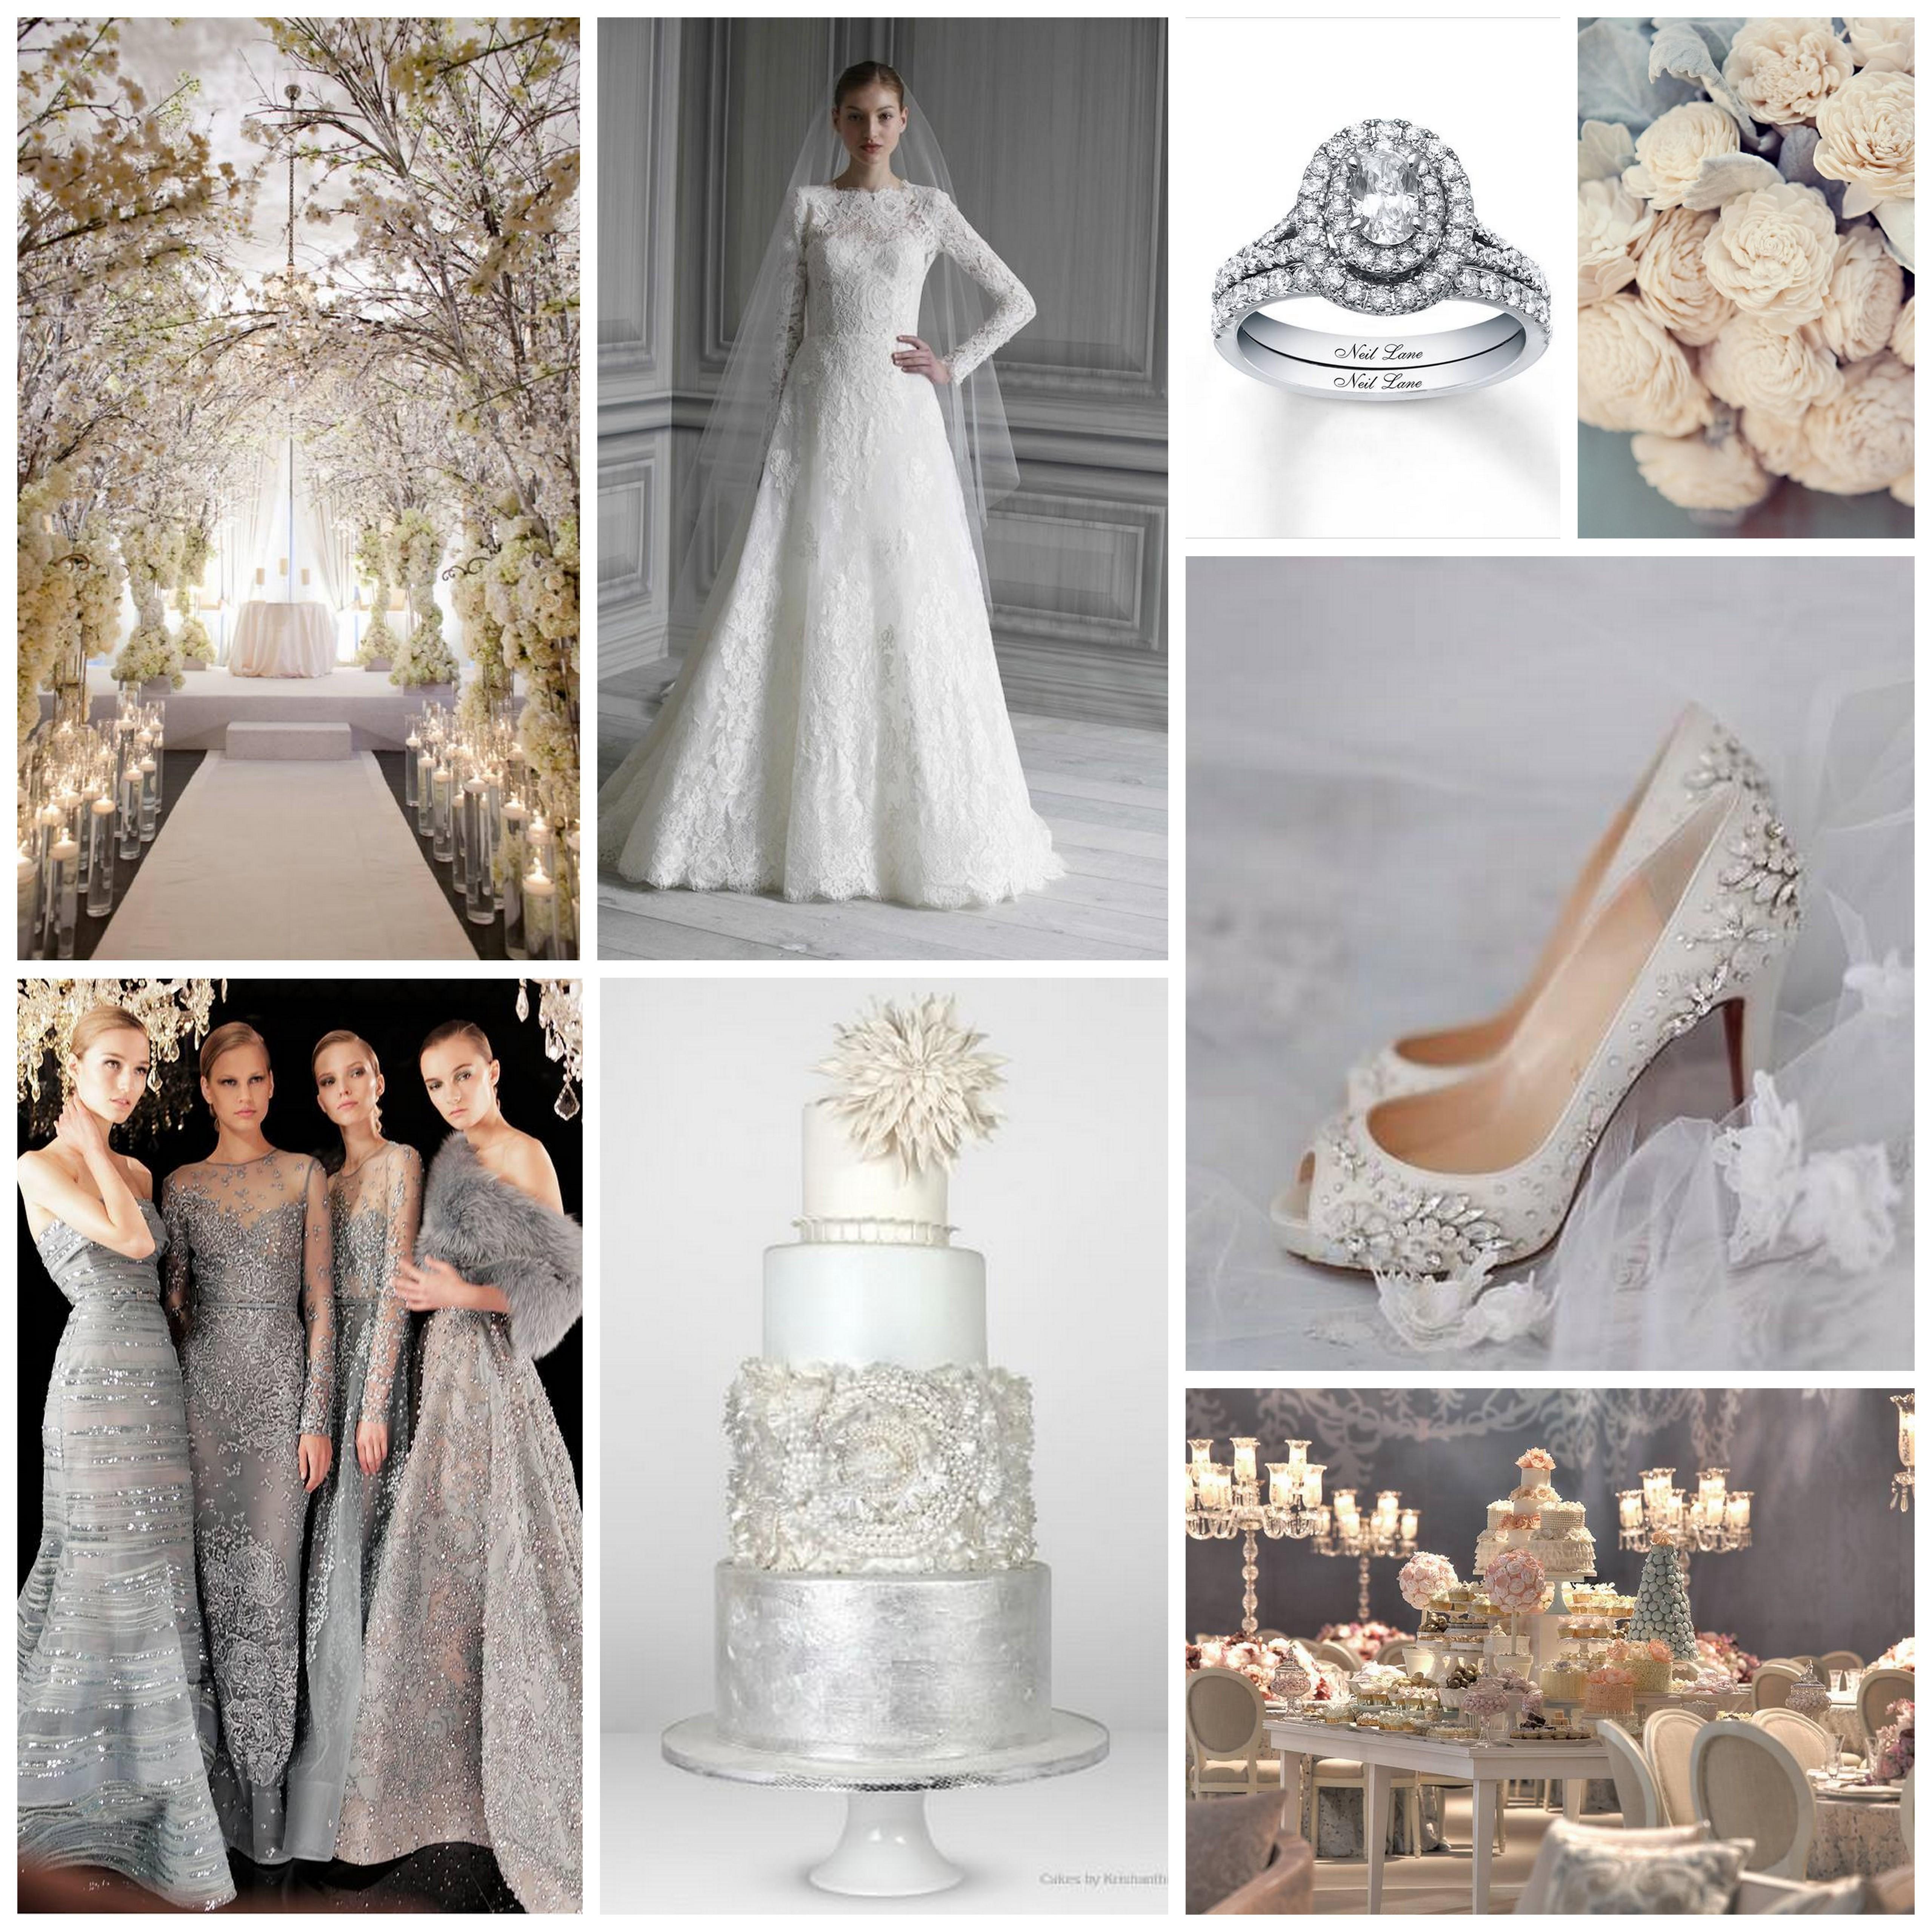 Best Of Winter Wonderland Wedding Church Decorations – Wedding